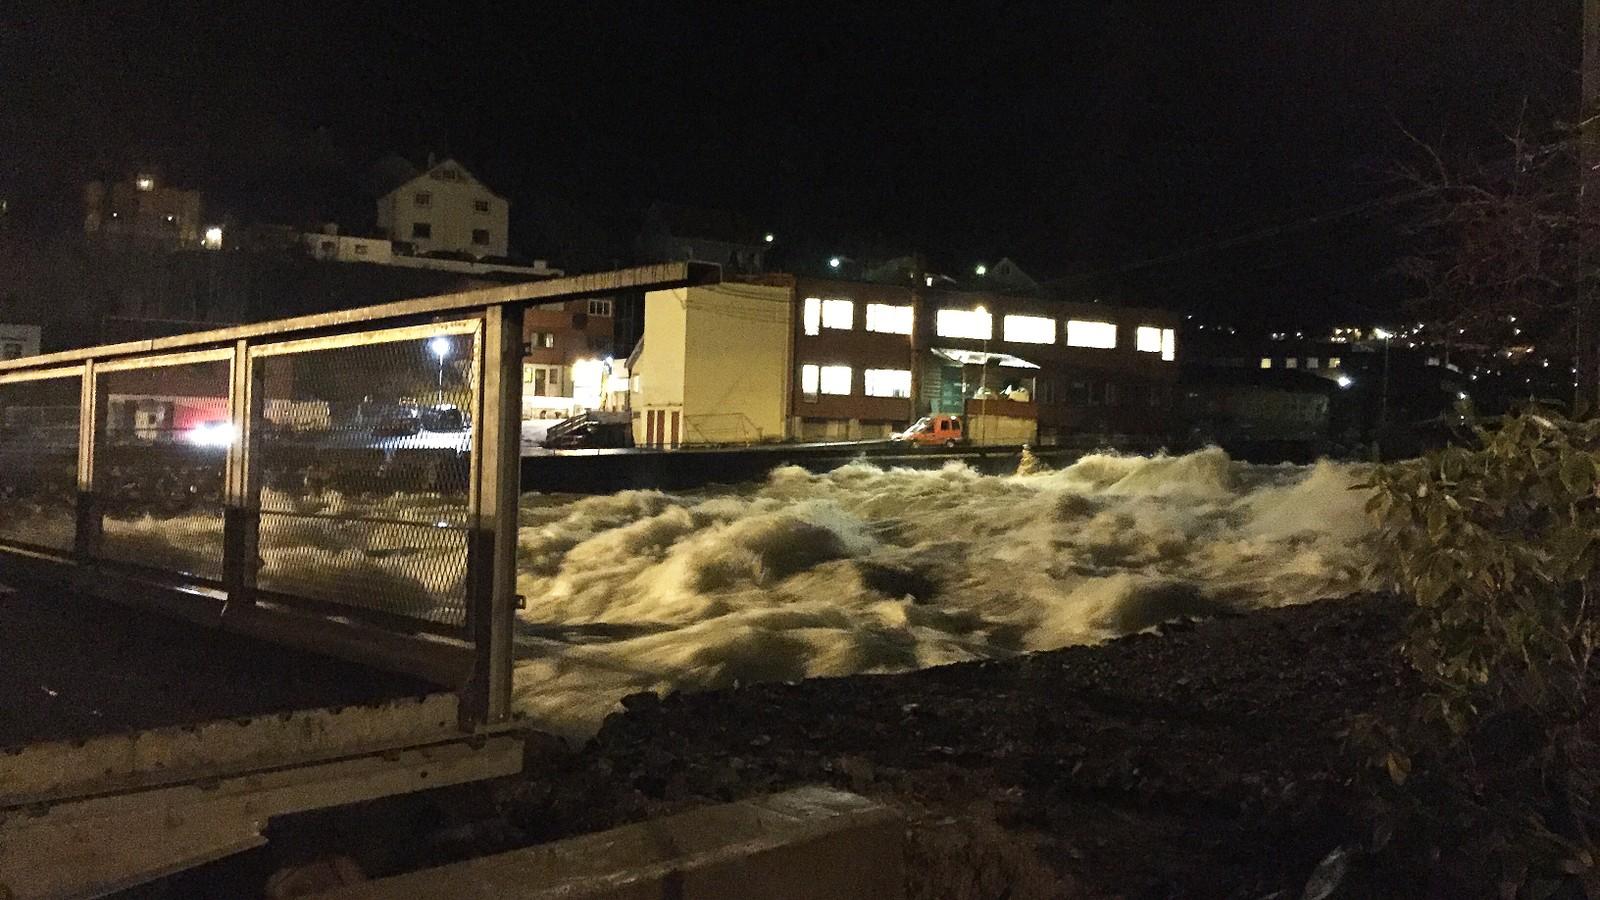 Også i Odda er vassføringa i Opo høg, men dei hadde sin flaumtopp klokka 20.00 søndag kveld. Slik ser det ut måndag morgon. Kommunen sette kriseleiing søndag, men i dag er den opphøyrd som følgje av at situasjonen er under kontroll.